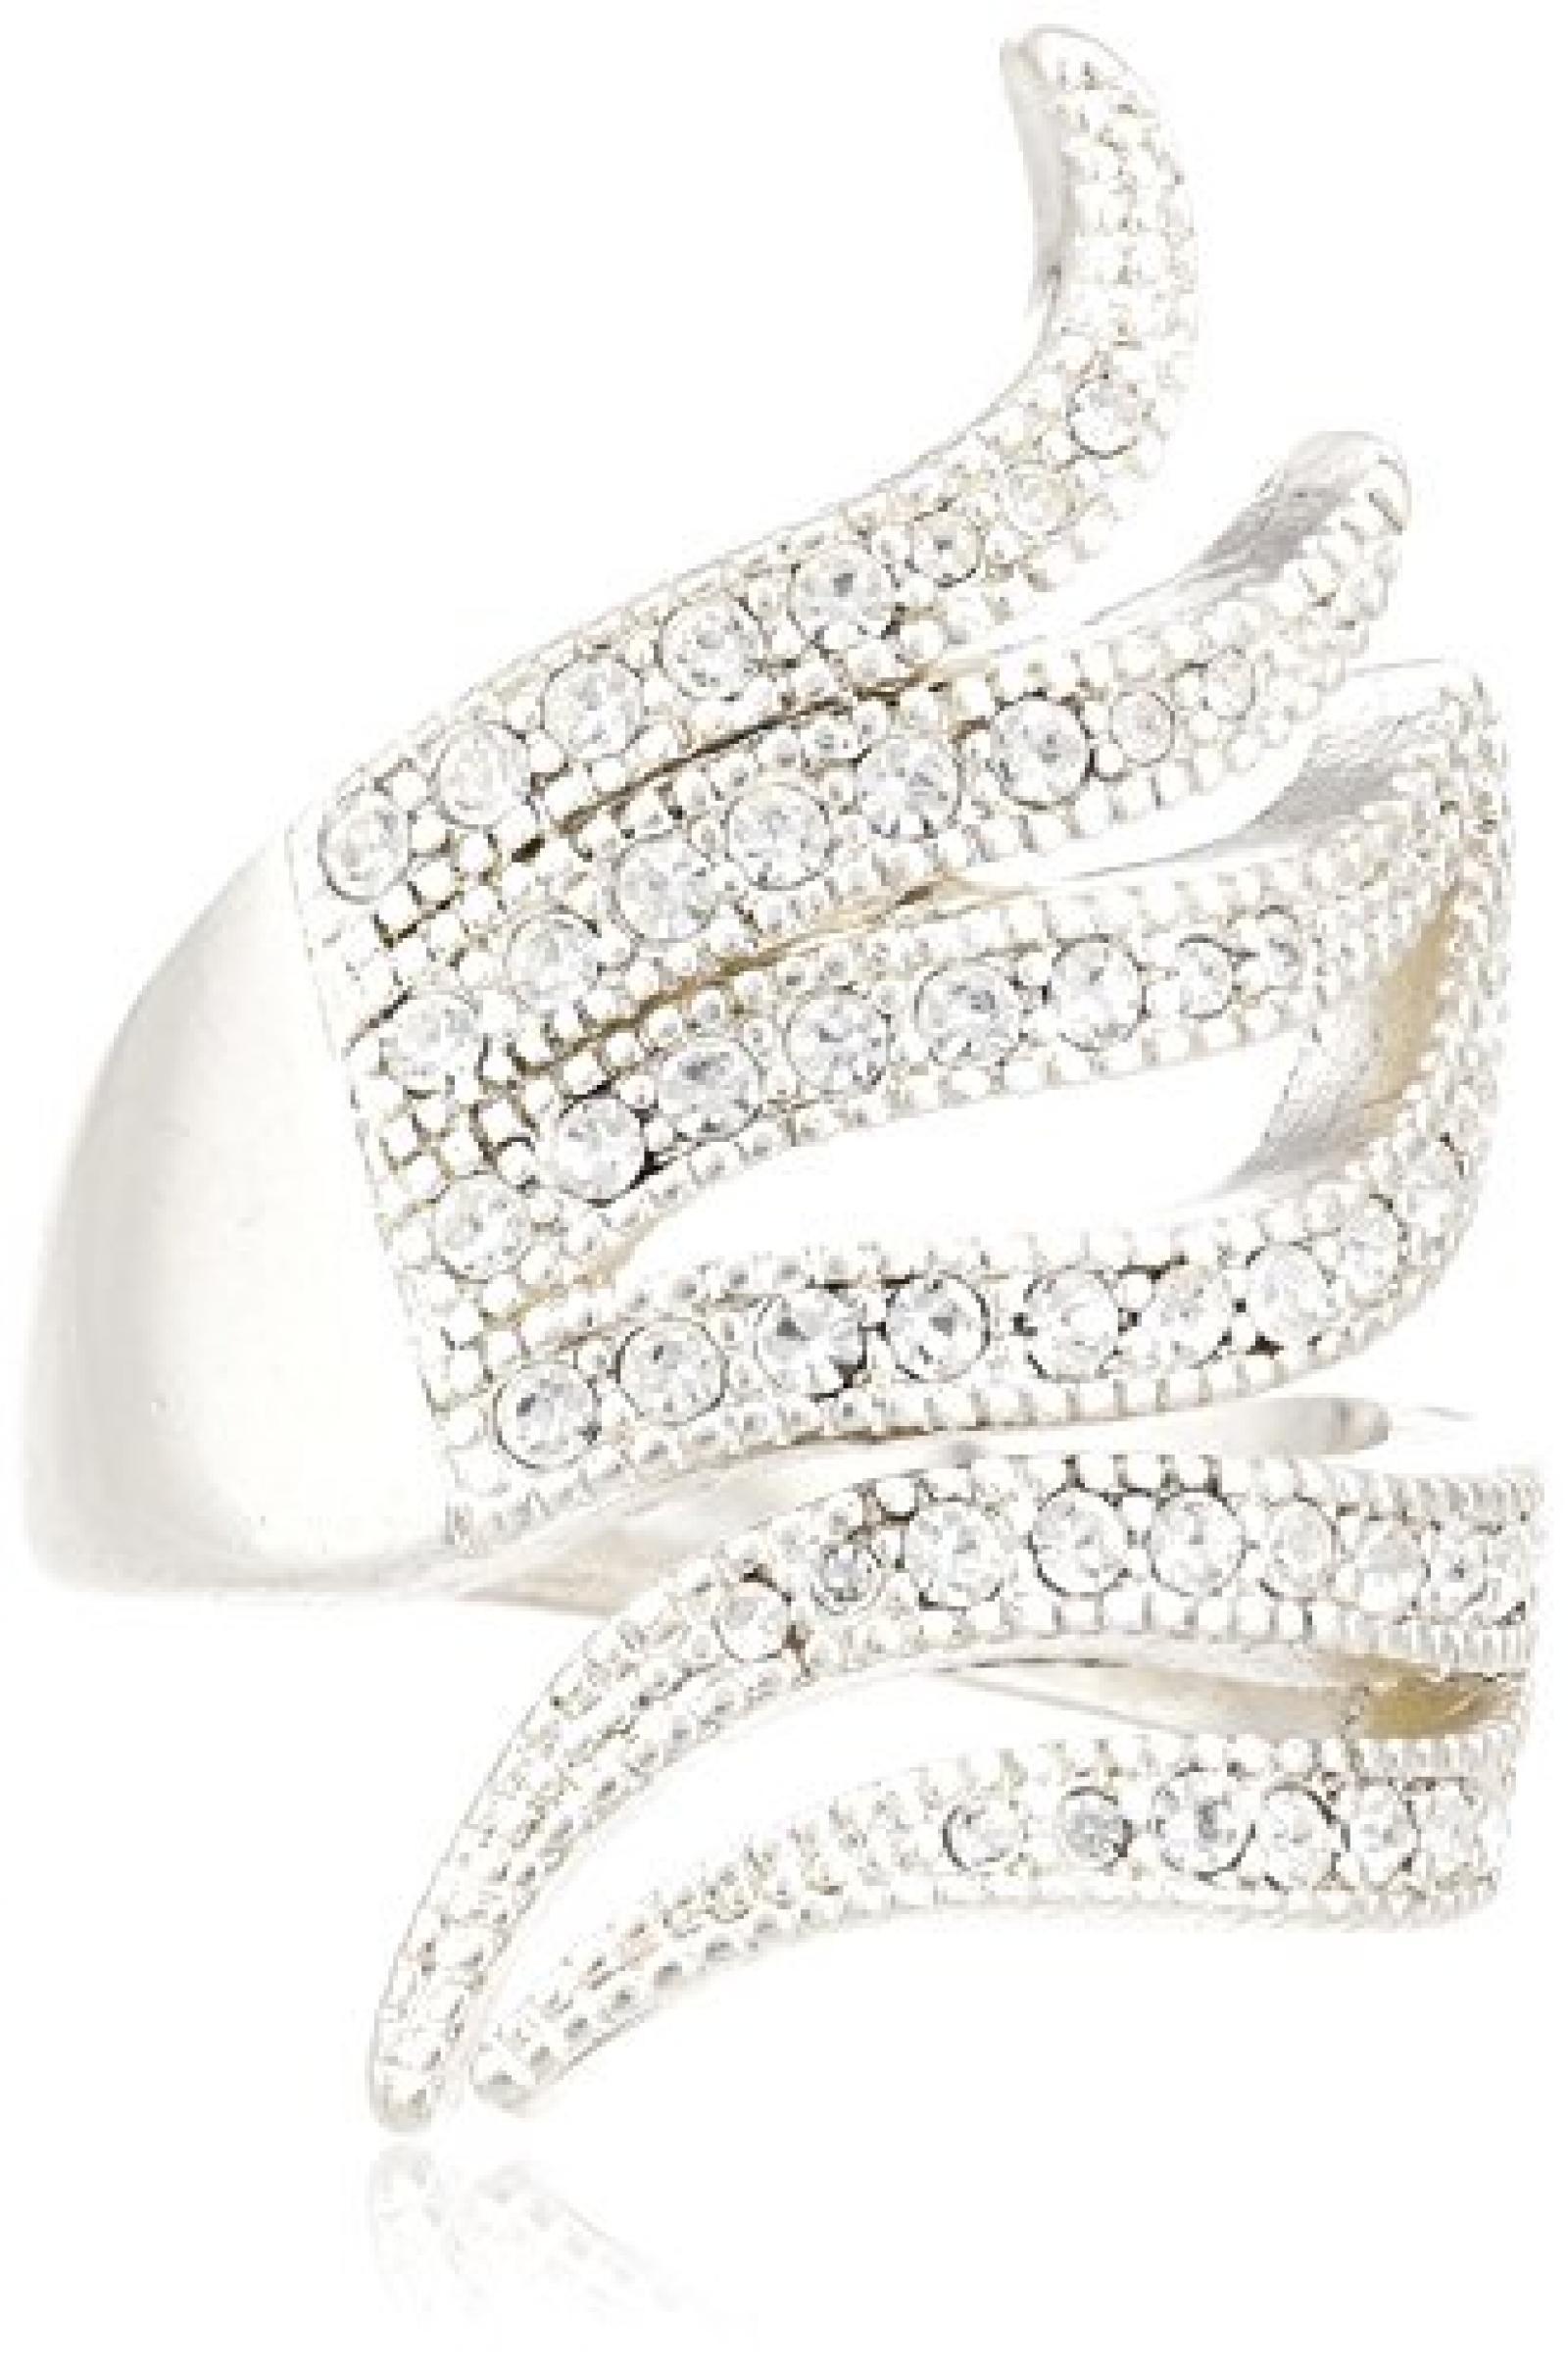 Pilgrim Jewelry Damen-Ring aus der Serie Ringe versilbert weiß 3.1 cm verstellbar Gr. 51-59 271316024